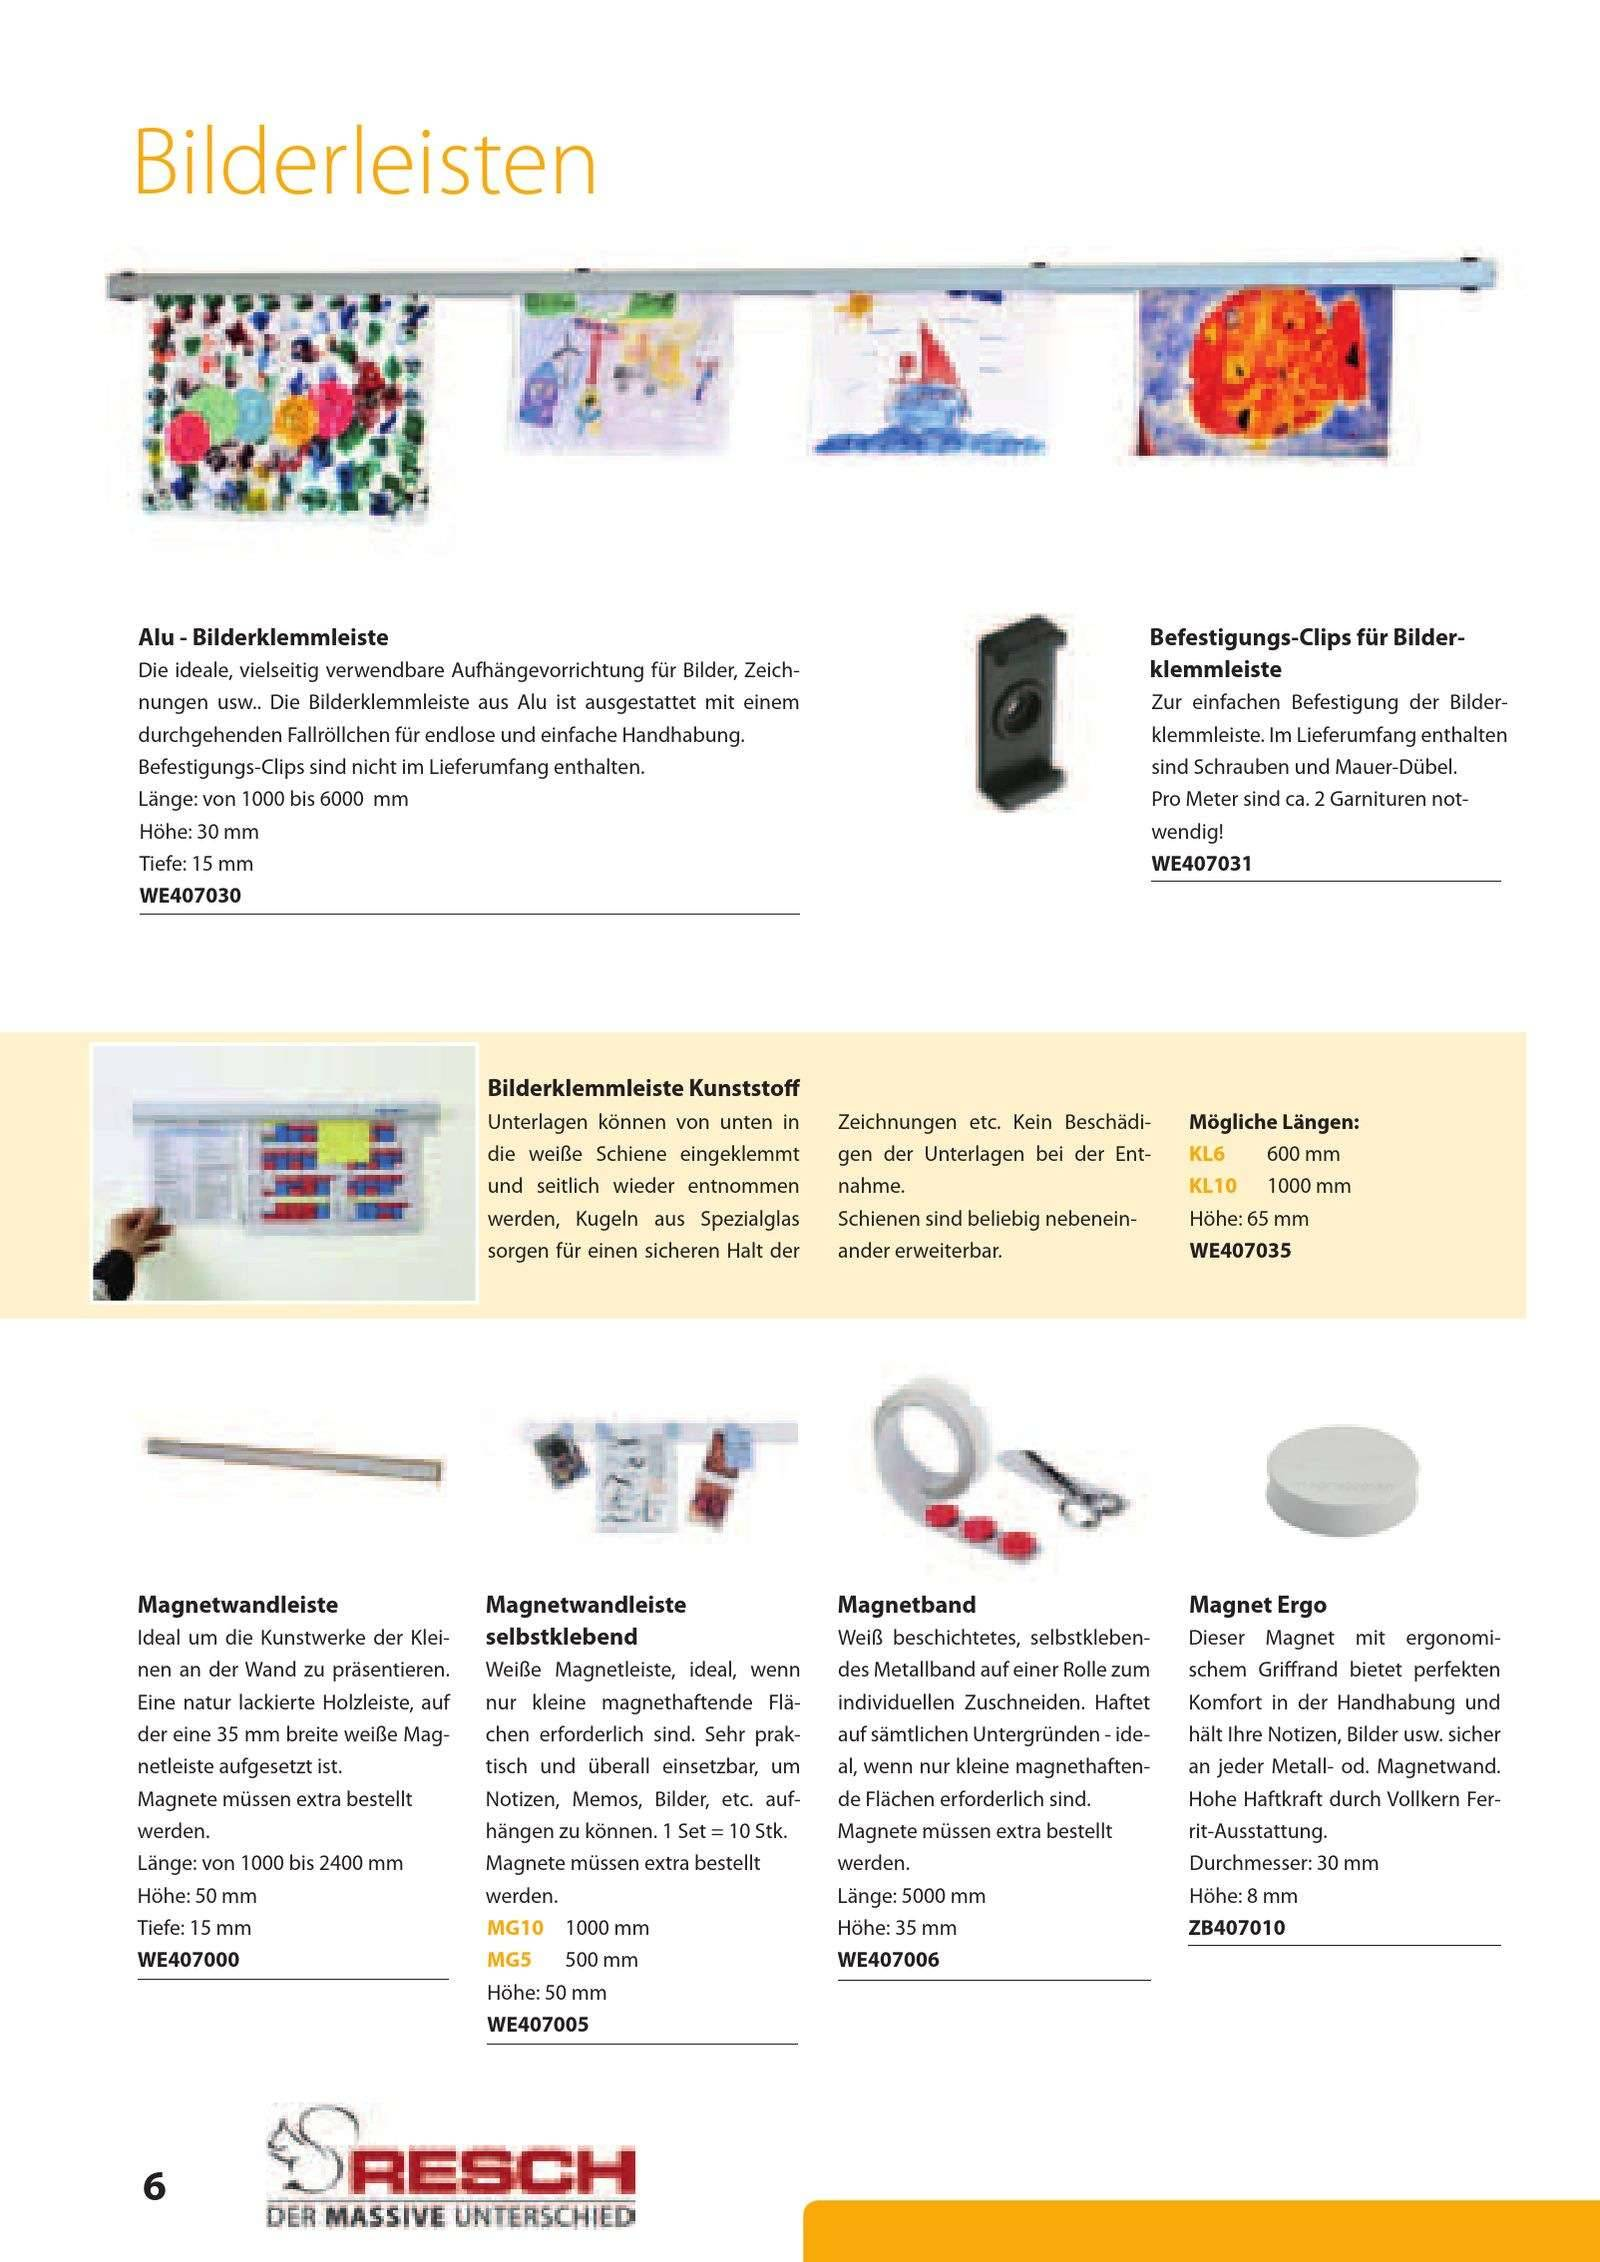 wohnzimmer mit offener kuche ideen inspirational 48 genial deko ideen kuche bild of wohnzimmer mit offener kuche ideen